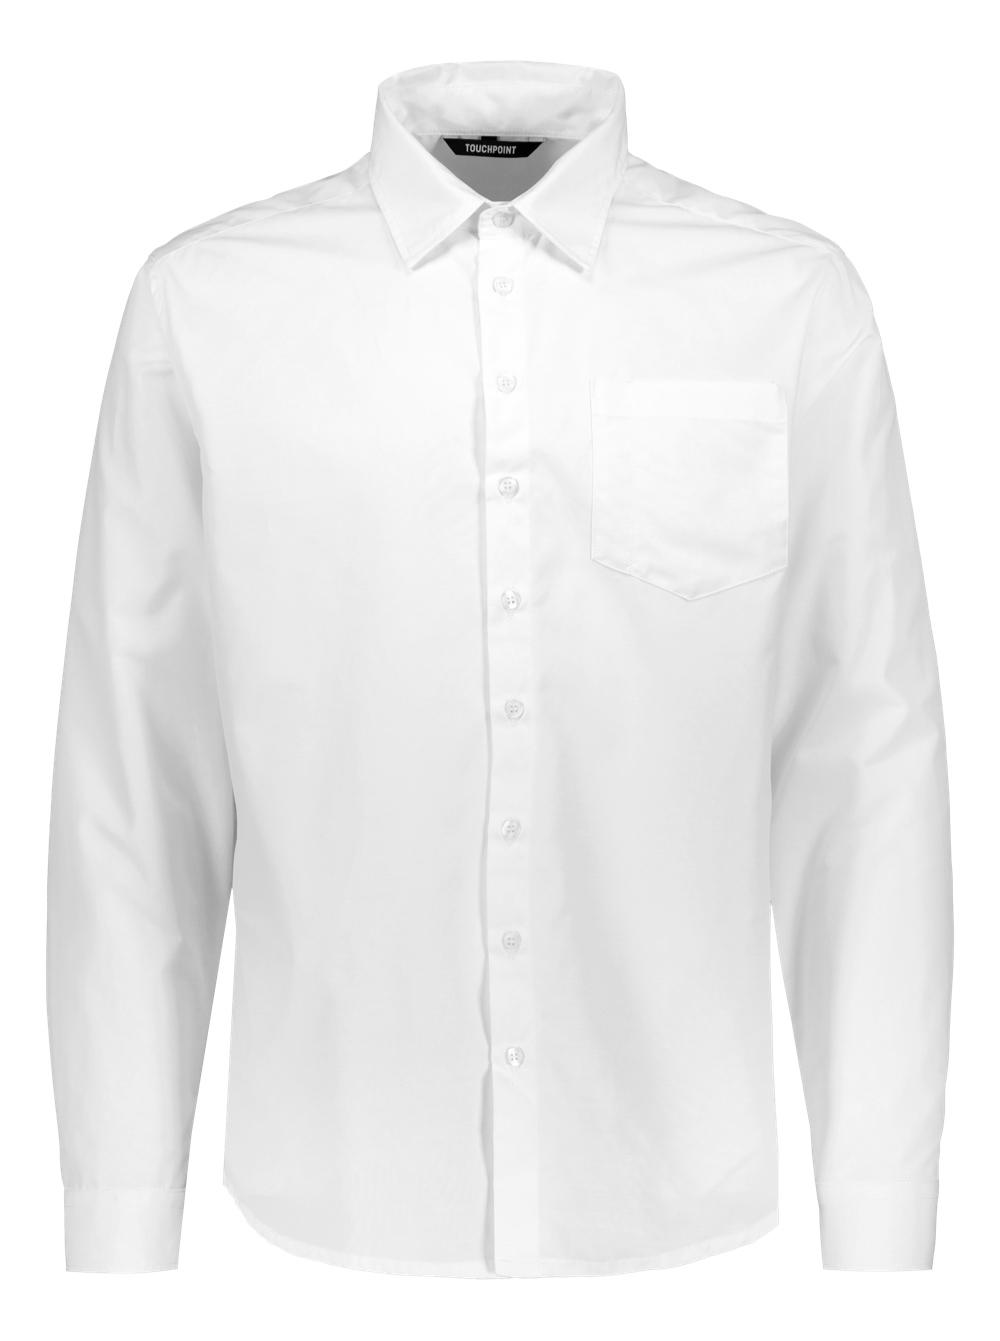 Raul miesten paitapusero, valkoinen